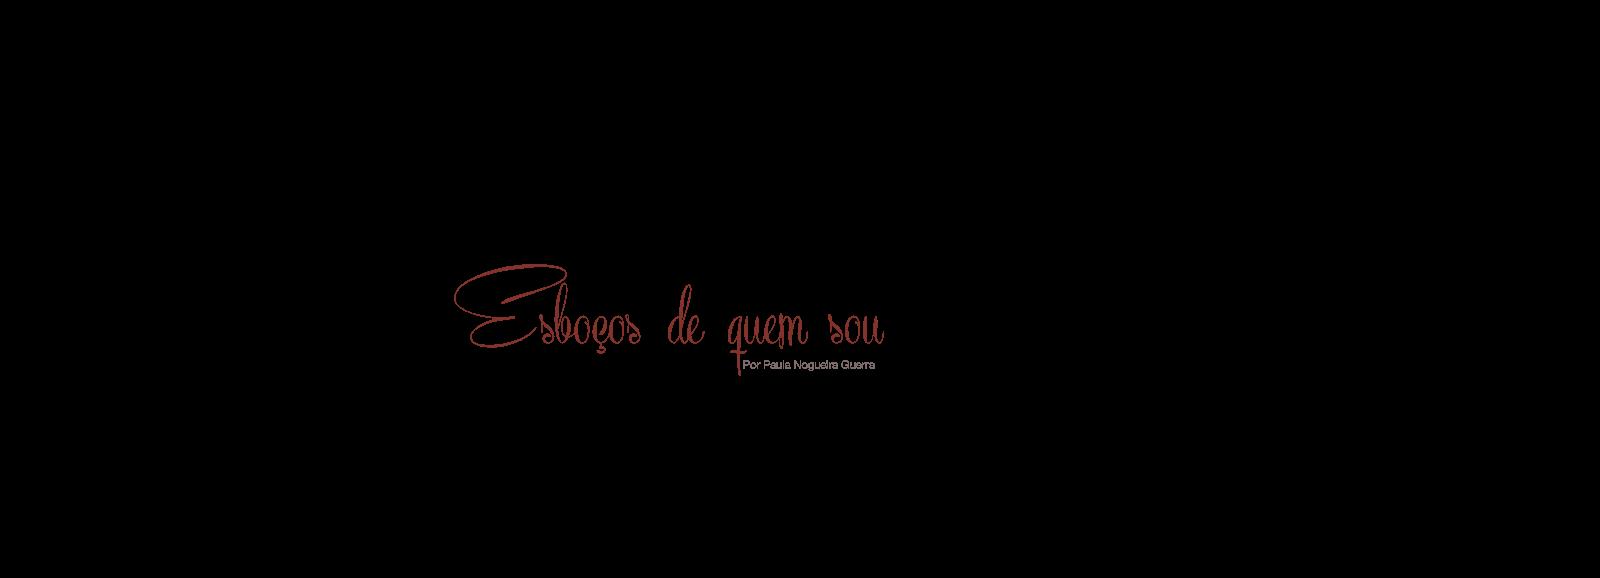 Esboços de Quem Sou